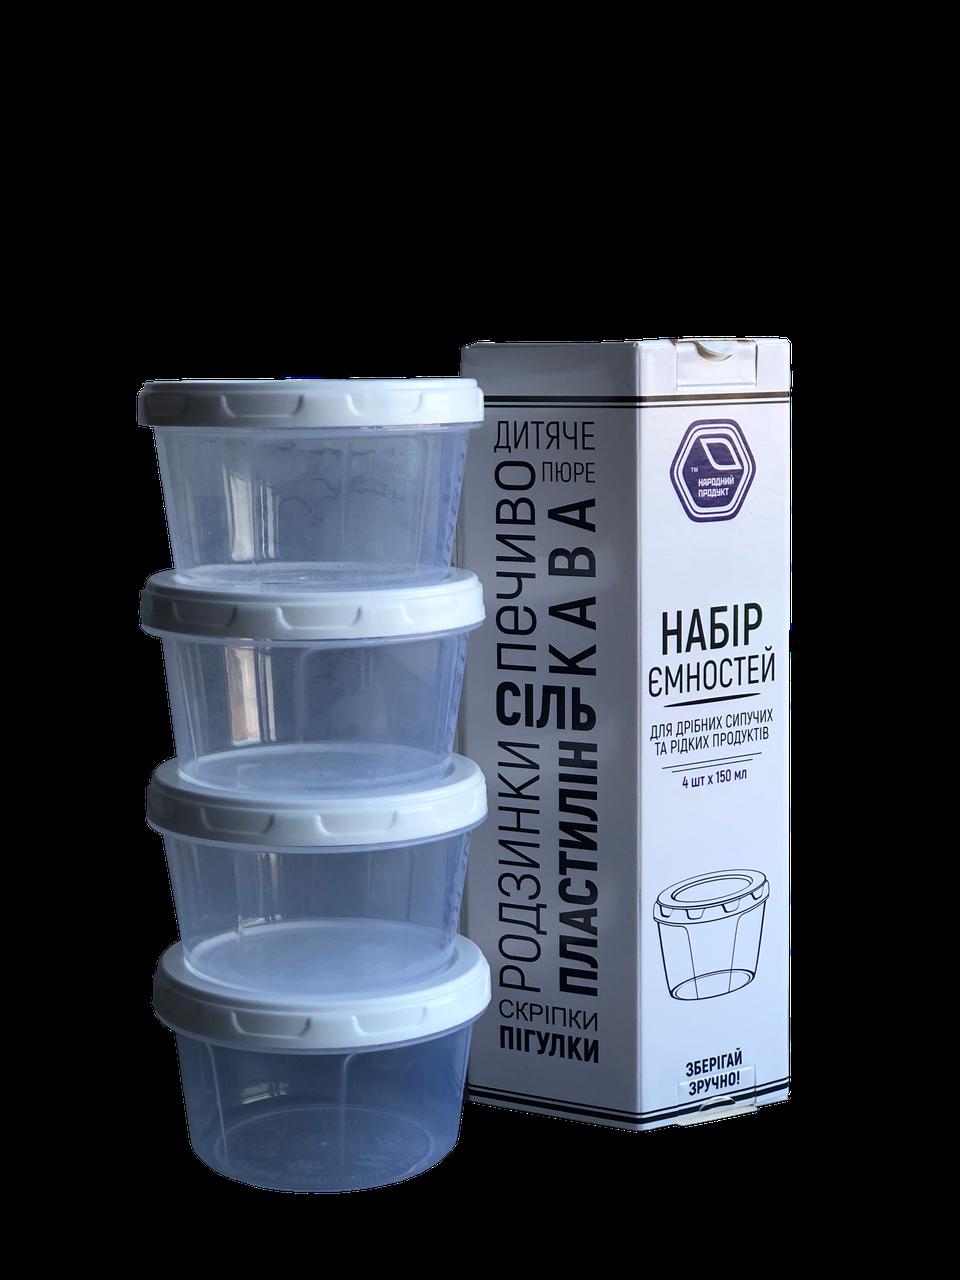 Набір ємностей для дрібних сипучих та рідких продуктів 4х150мл. білий (арт. 87б)